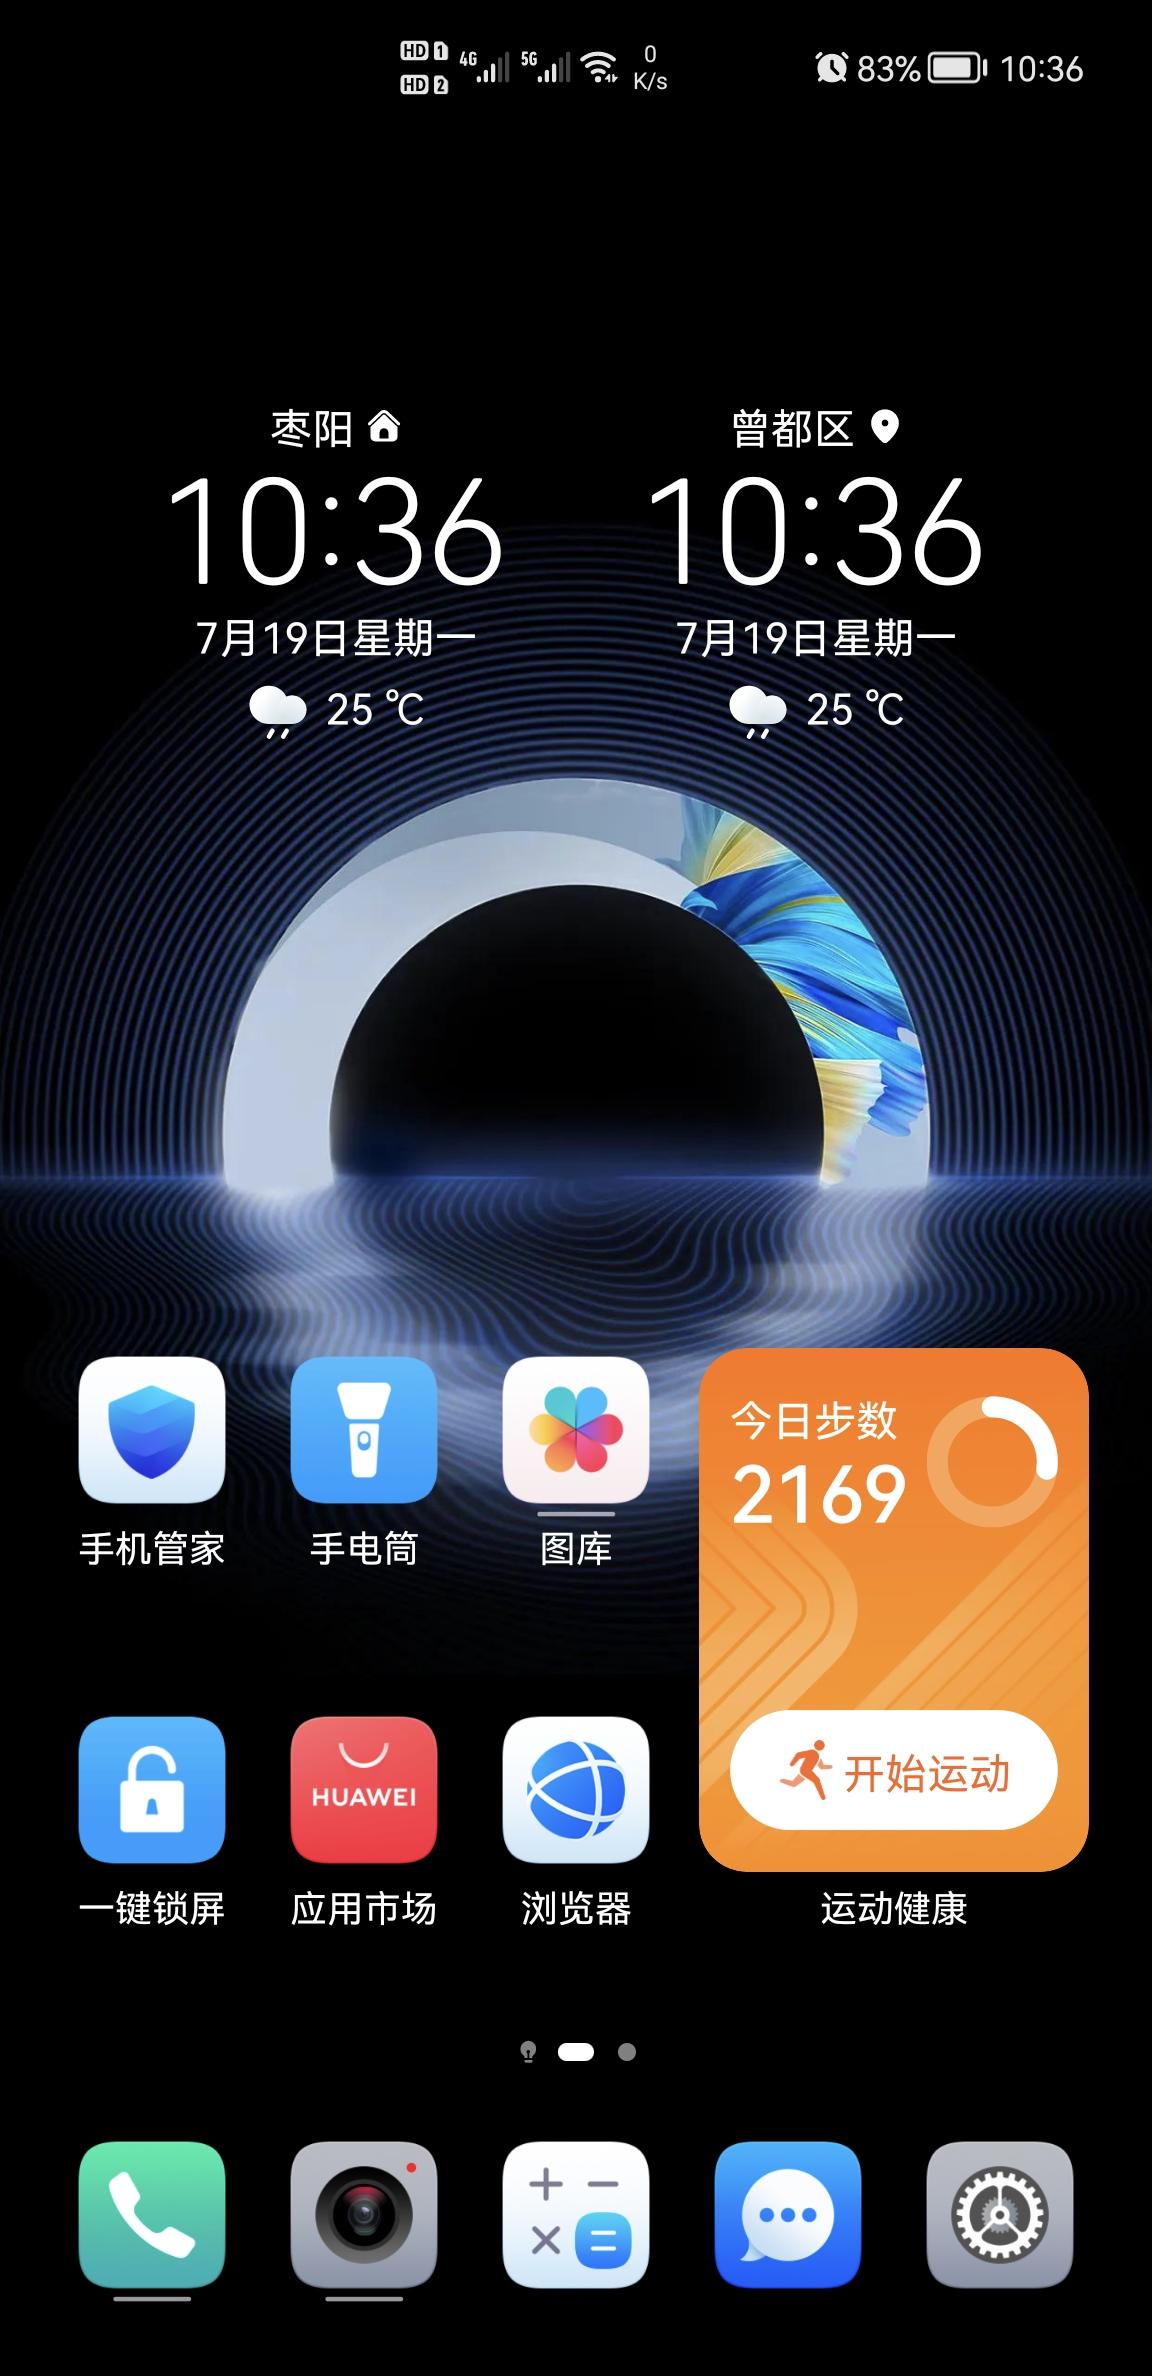 Screenshot_20210719_103622_com.huawei.android.launcher.jpg